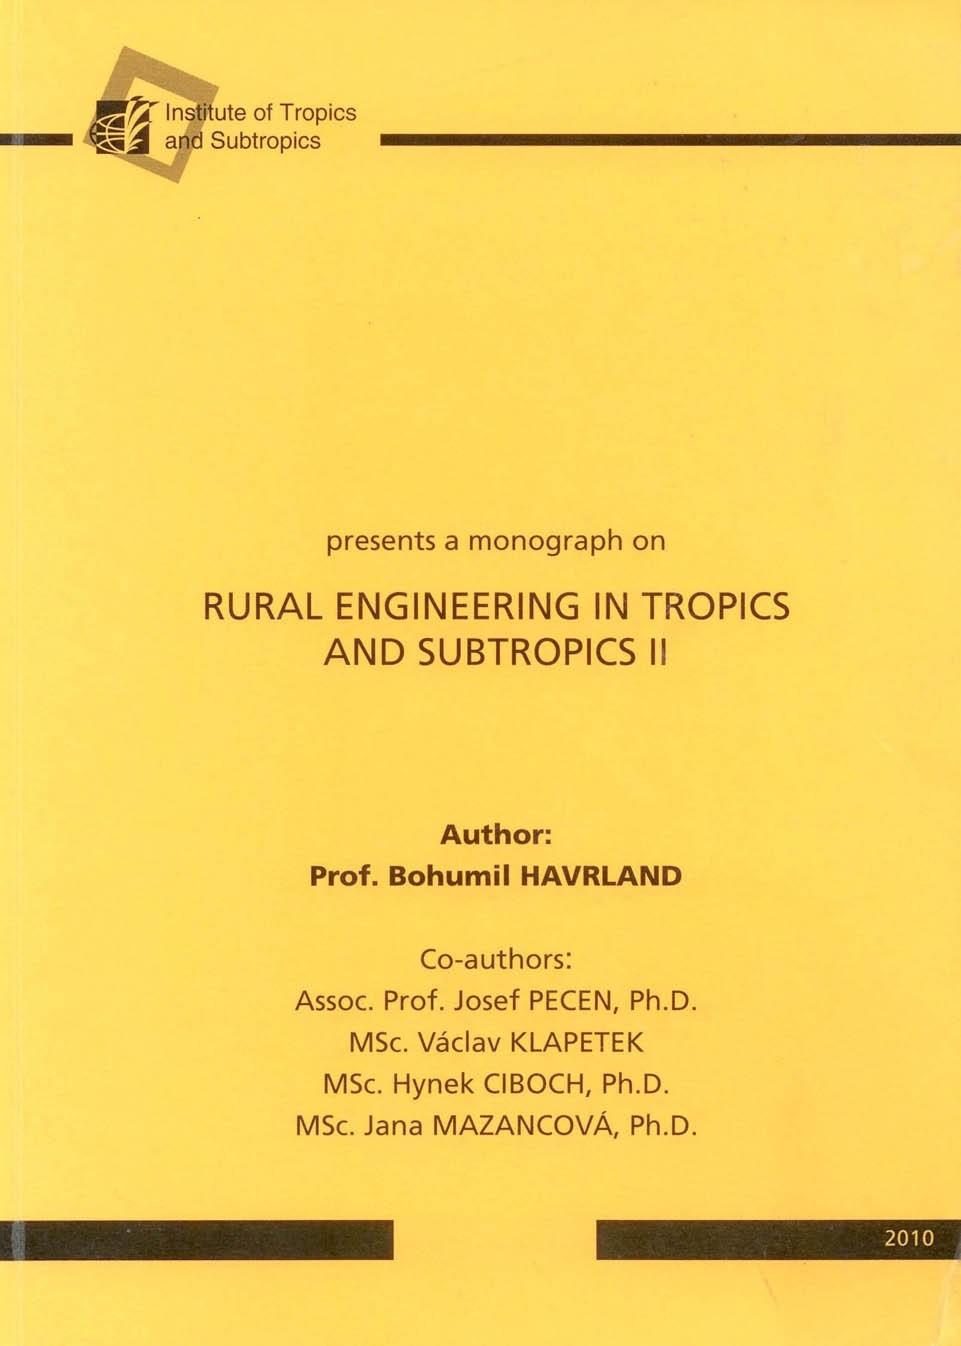 Rural Engineering in Tropics and Subtropics II